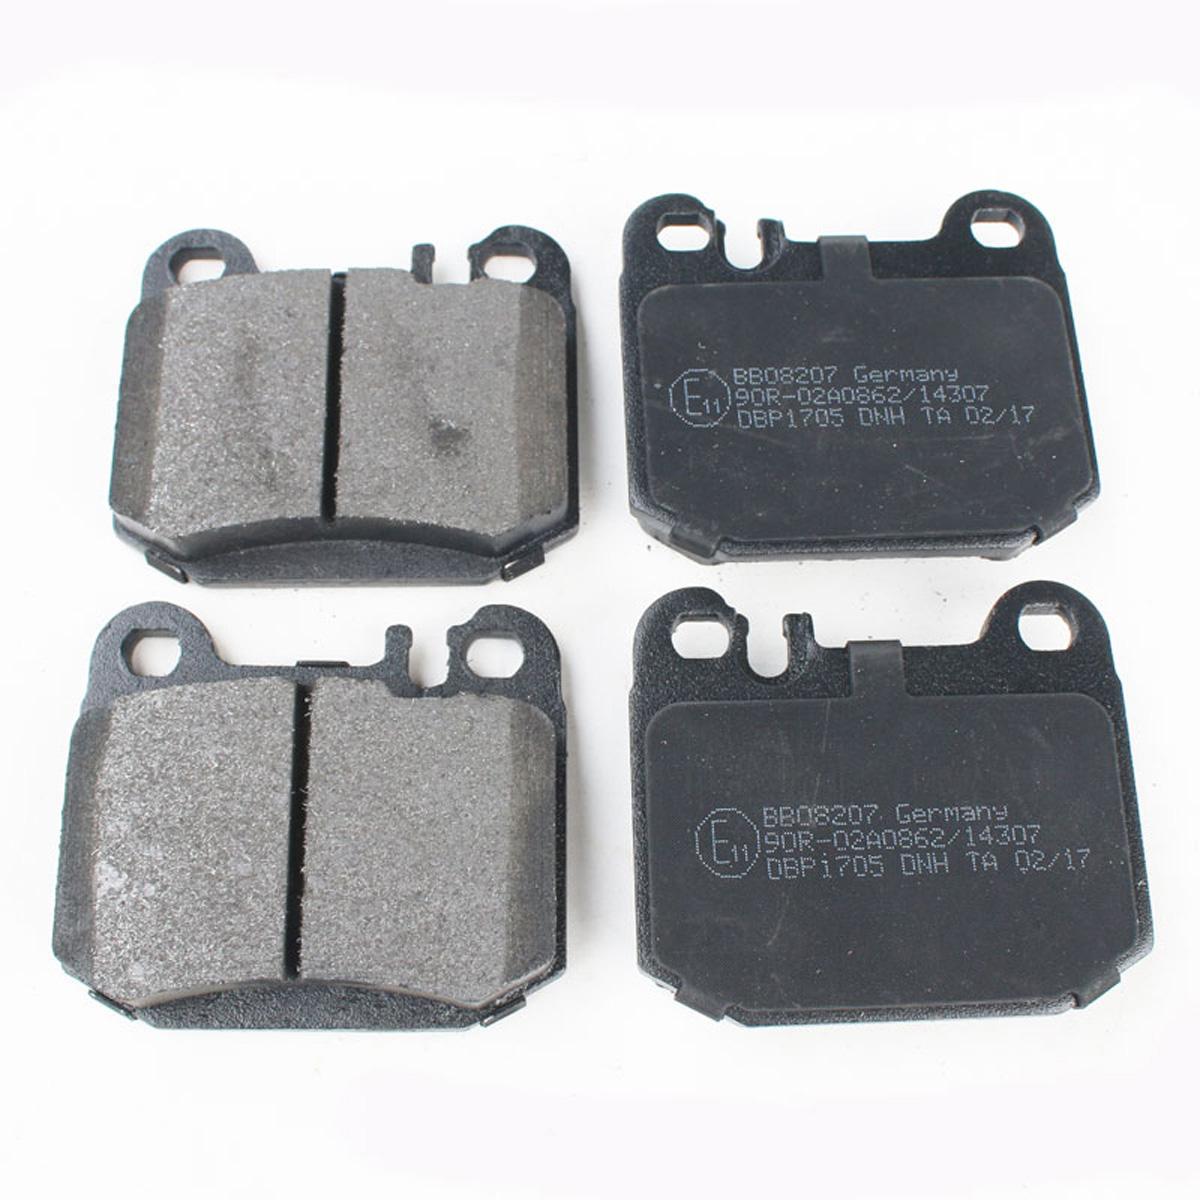 Bremsbelagsatz, Scheibenbremse, Hinterachse für Mercedes M-Klasse W163, BB08207